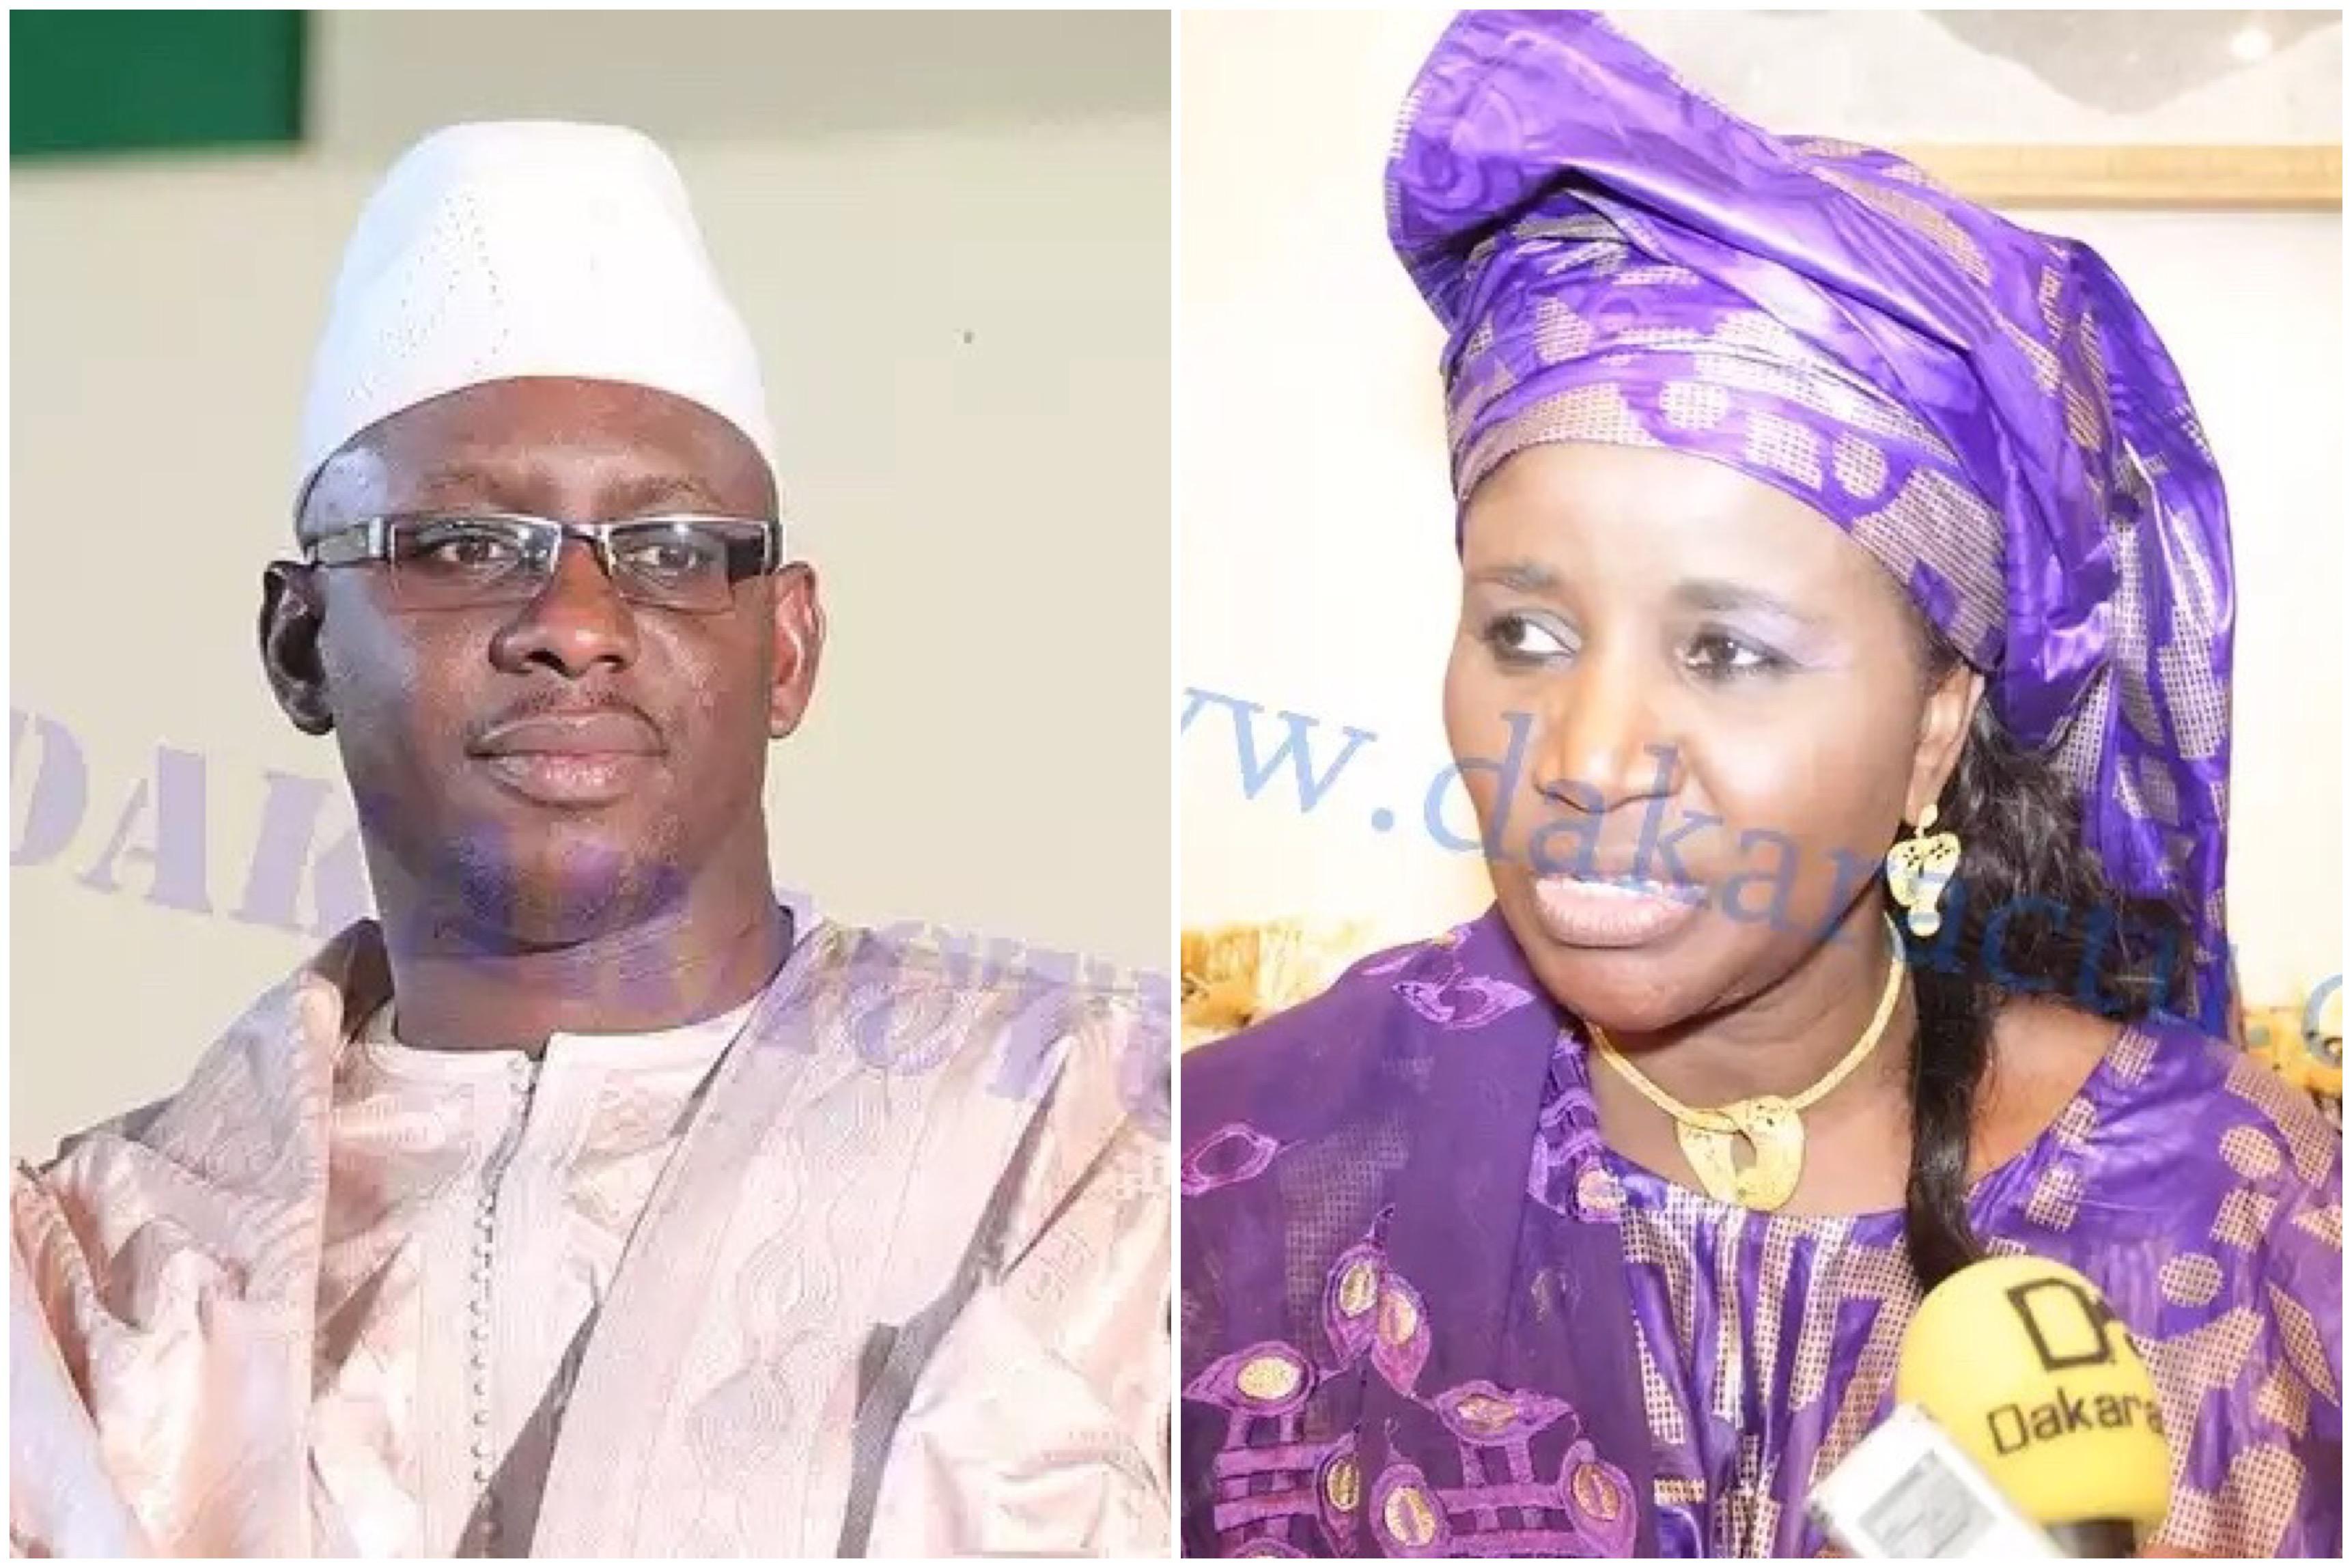 A l'Assemblée nationale comme à la borne fontaine : Mariama Sarr accablée, Moustapha Diop adoubé, la trahison de Awa Niang et les tirs groupés des députés